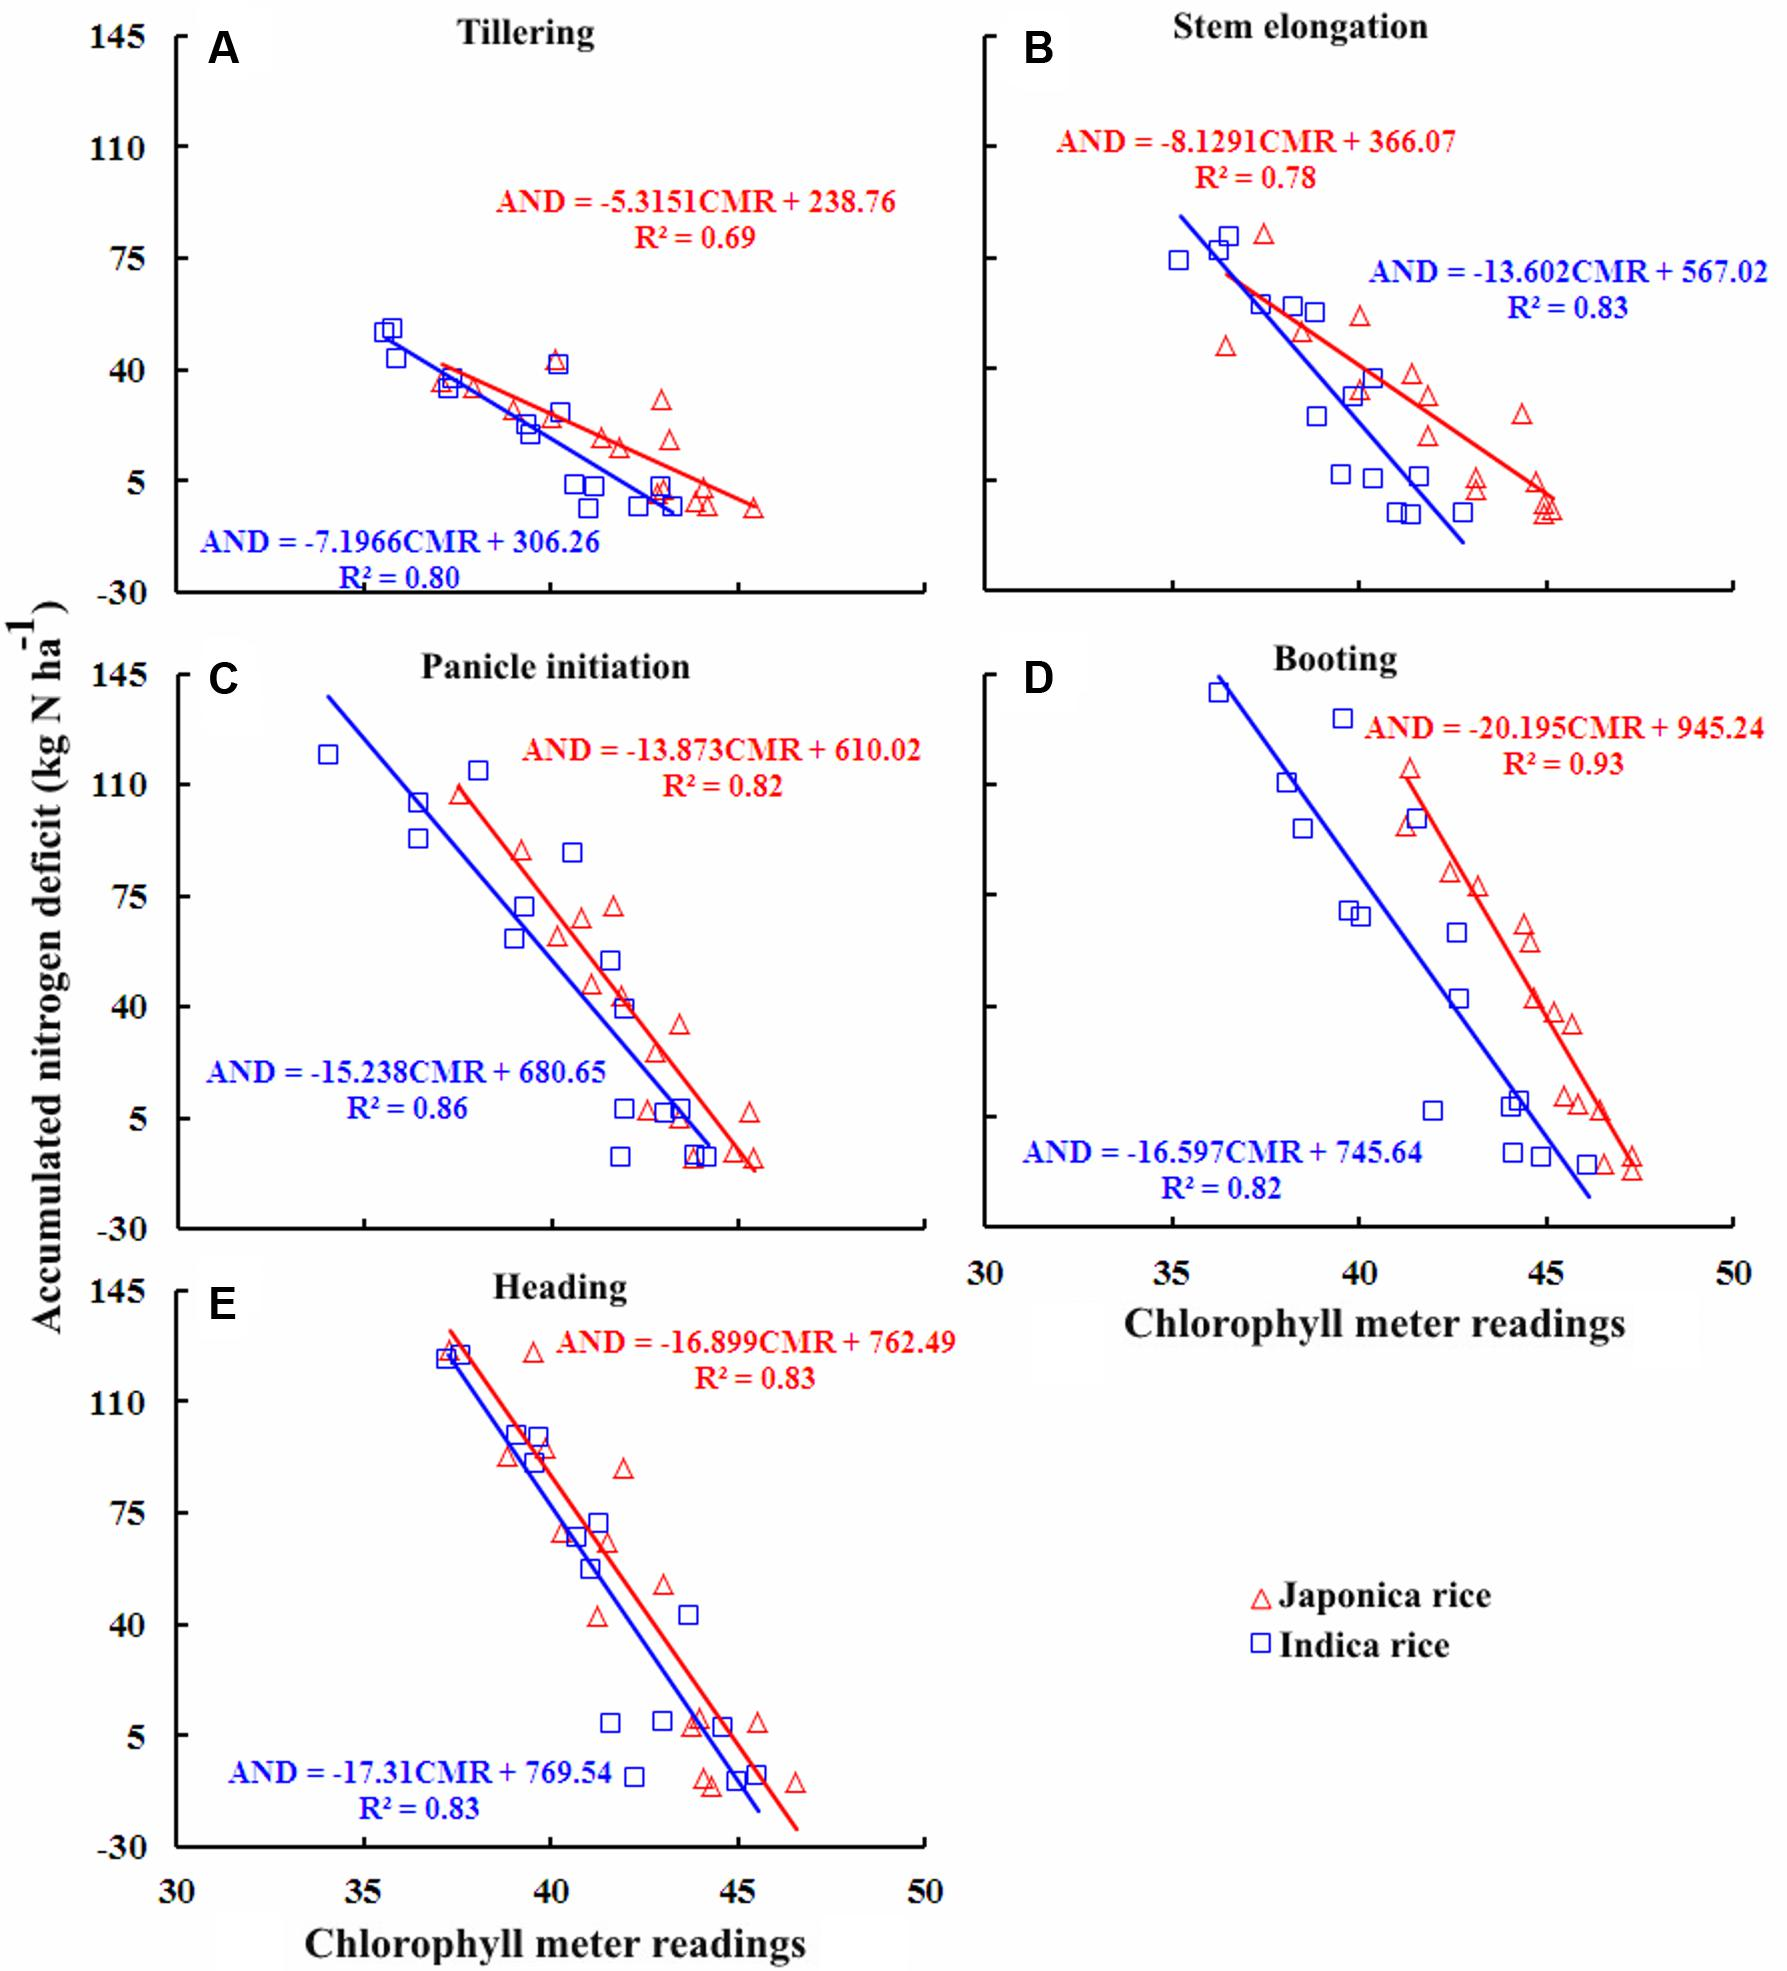 Frontiers | Non-destructive Assessment of Plant Nitrogen